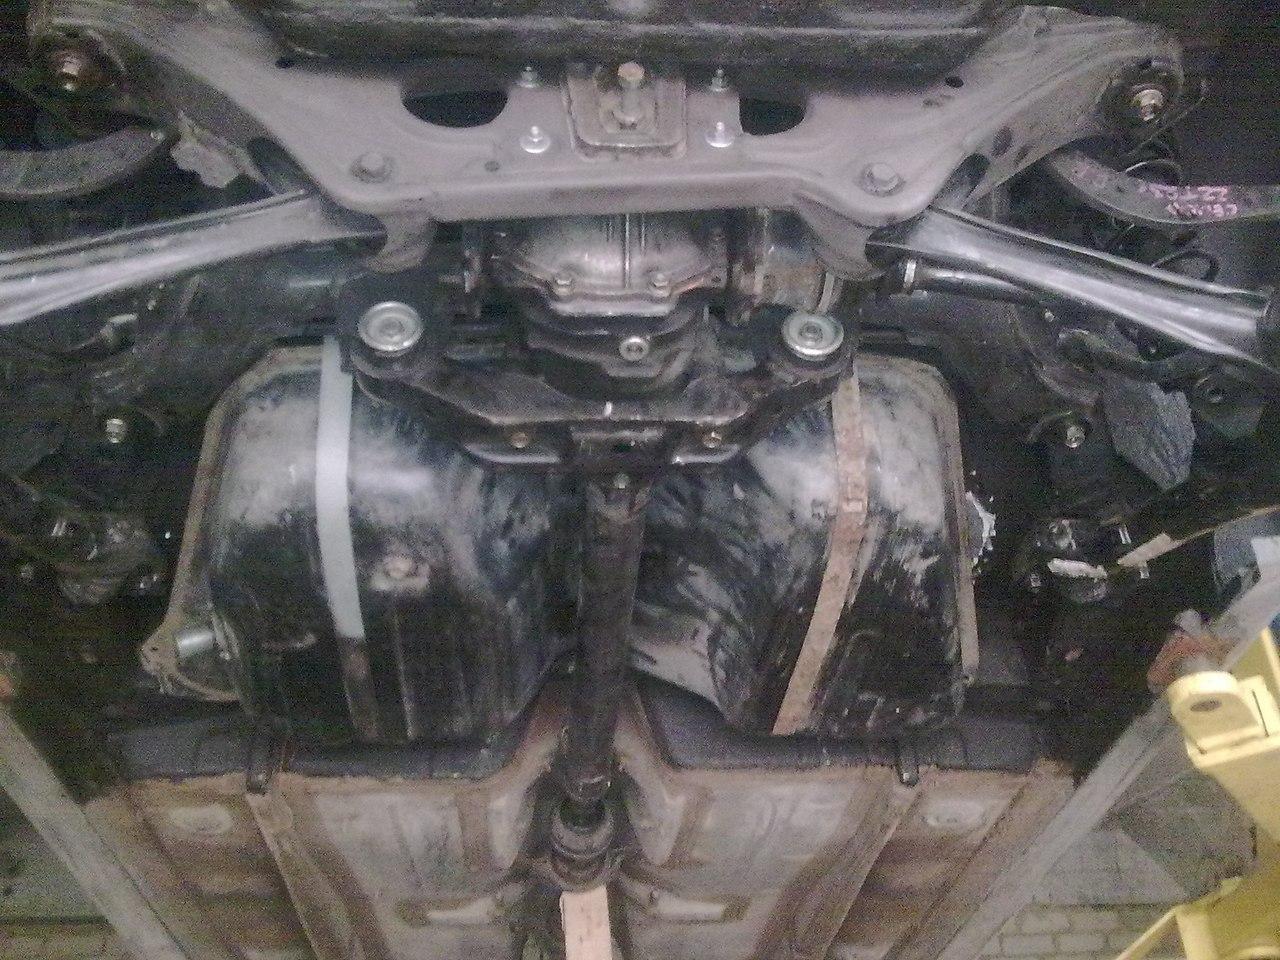 Toyota toyota matrix awd manual transmission : AWD 2ZZ Celica [Archive] - NewCelica.org Forum